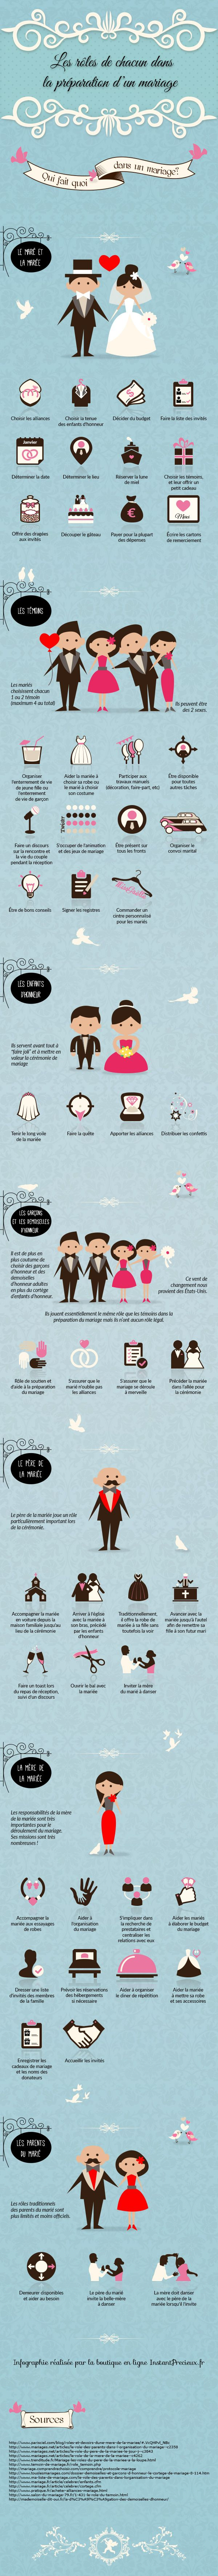 les-roles-dans-un-mariage